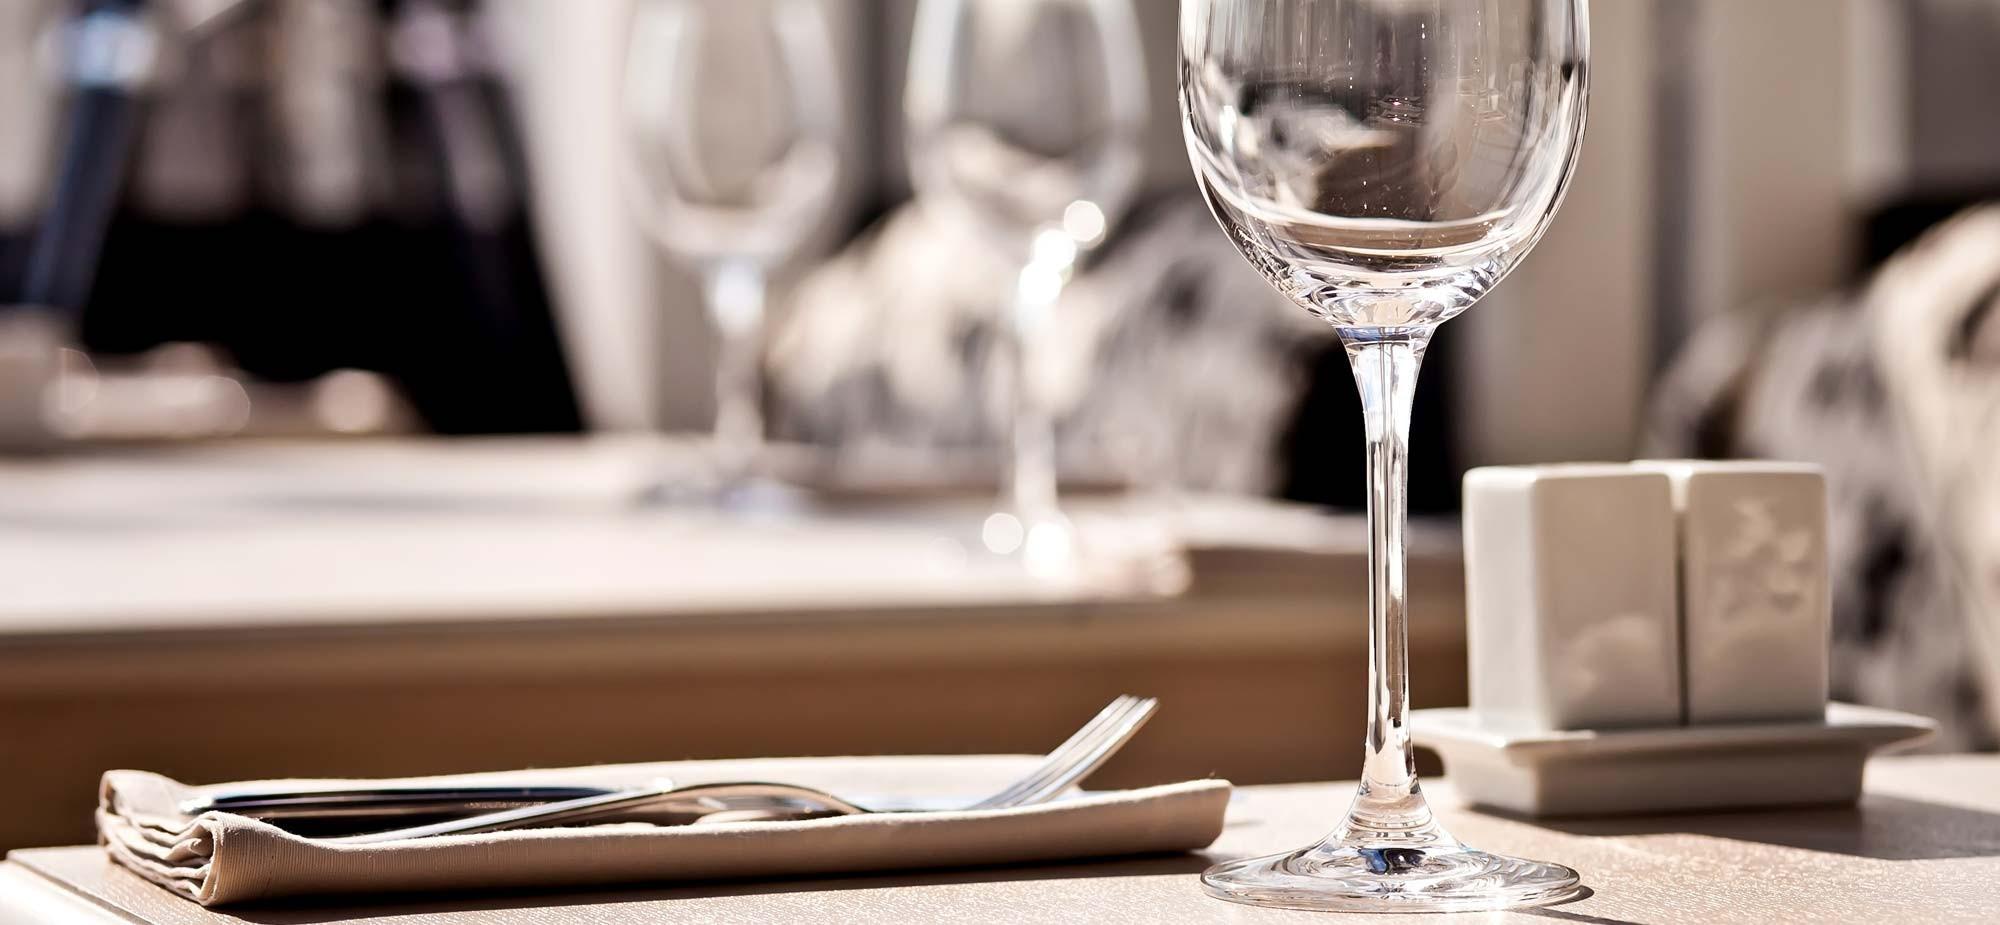 Friss 'n' Sült Önkiszolgáló Étterem - Napi ebéd menü